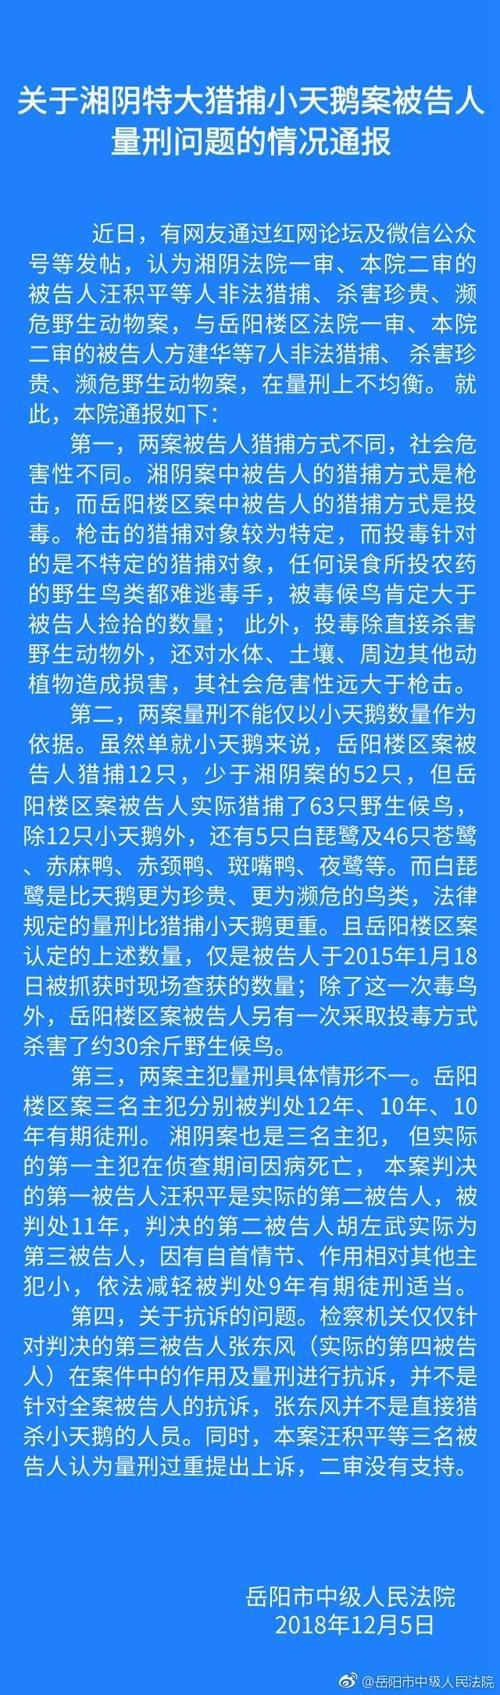 湘阴猎捕小天鹅案 怎么回事 案件始末详情介绍